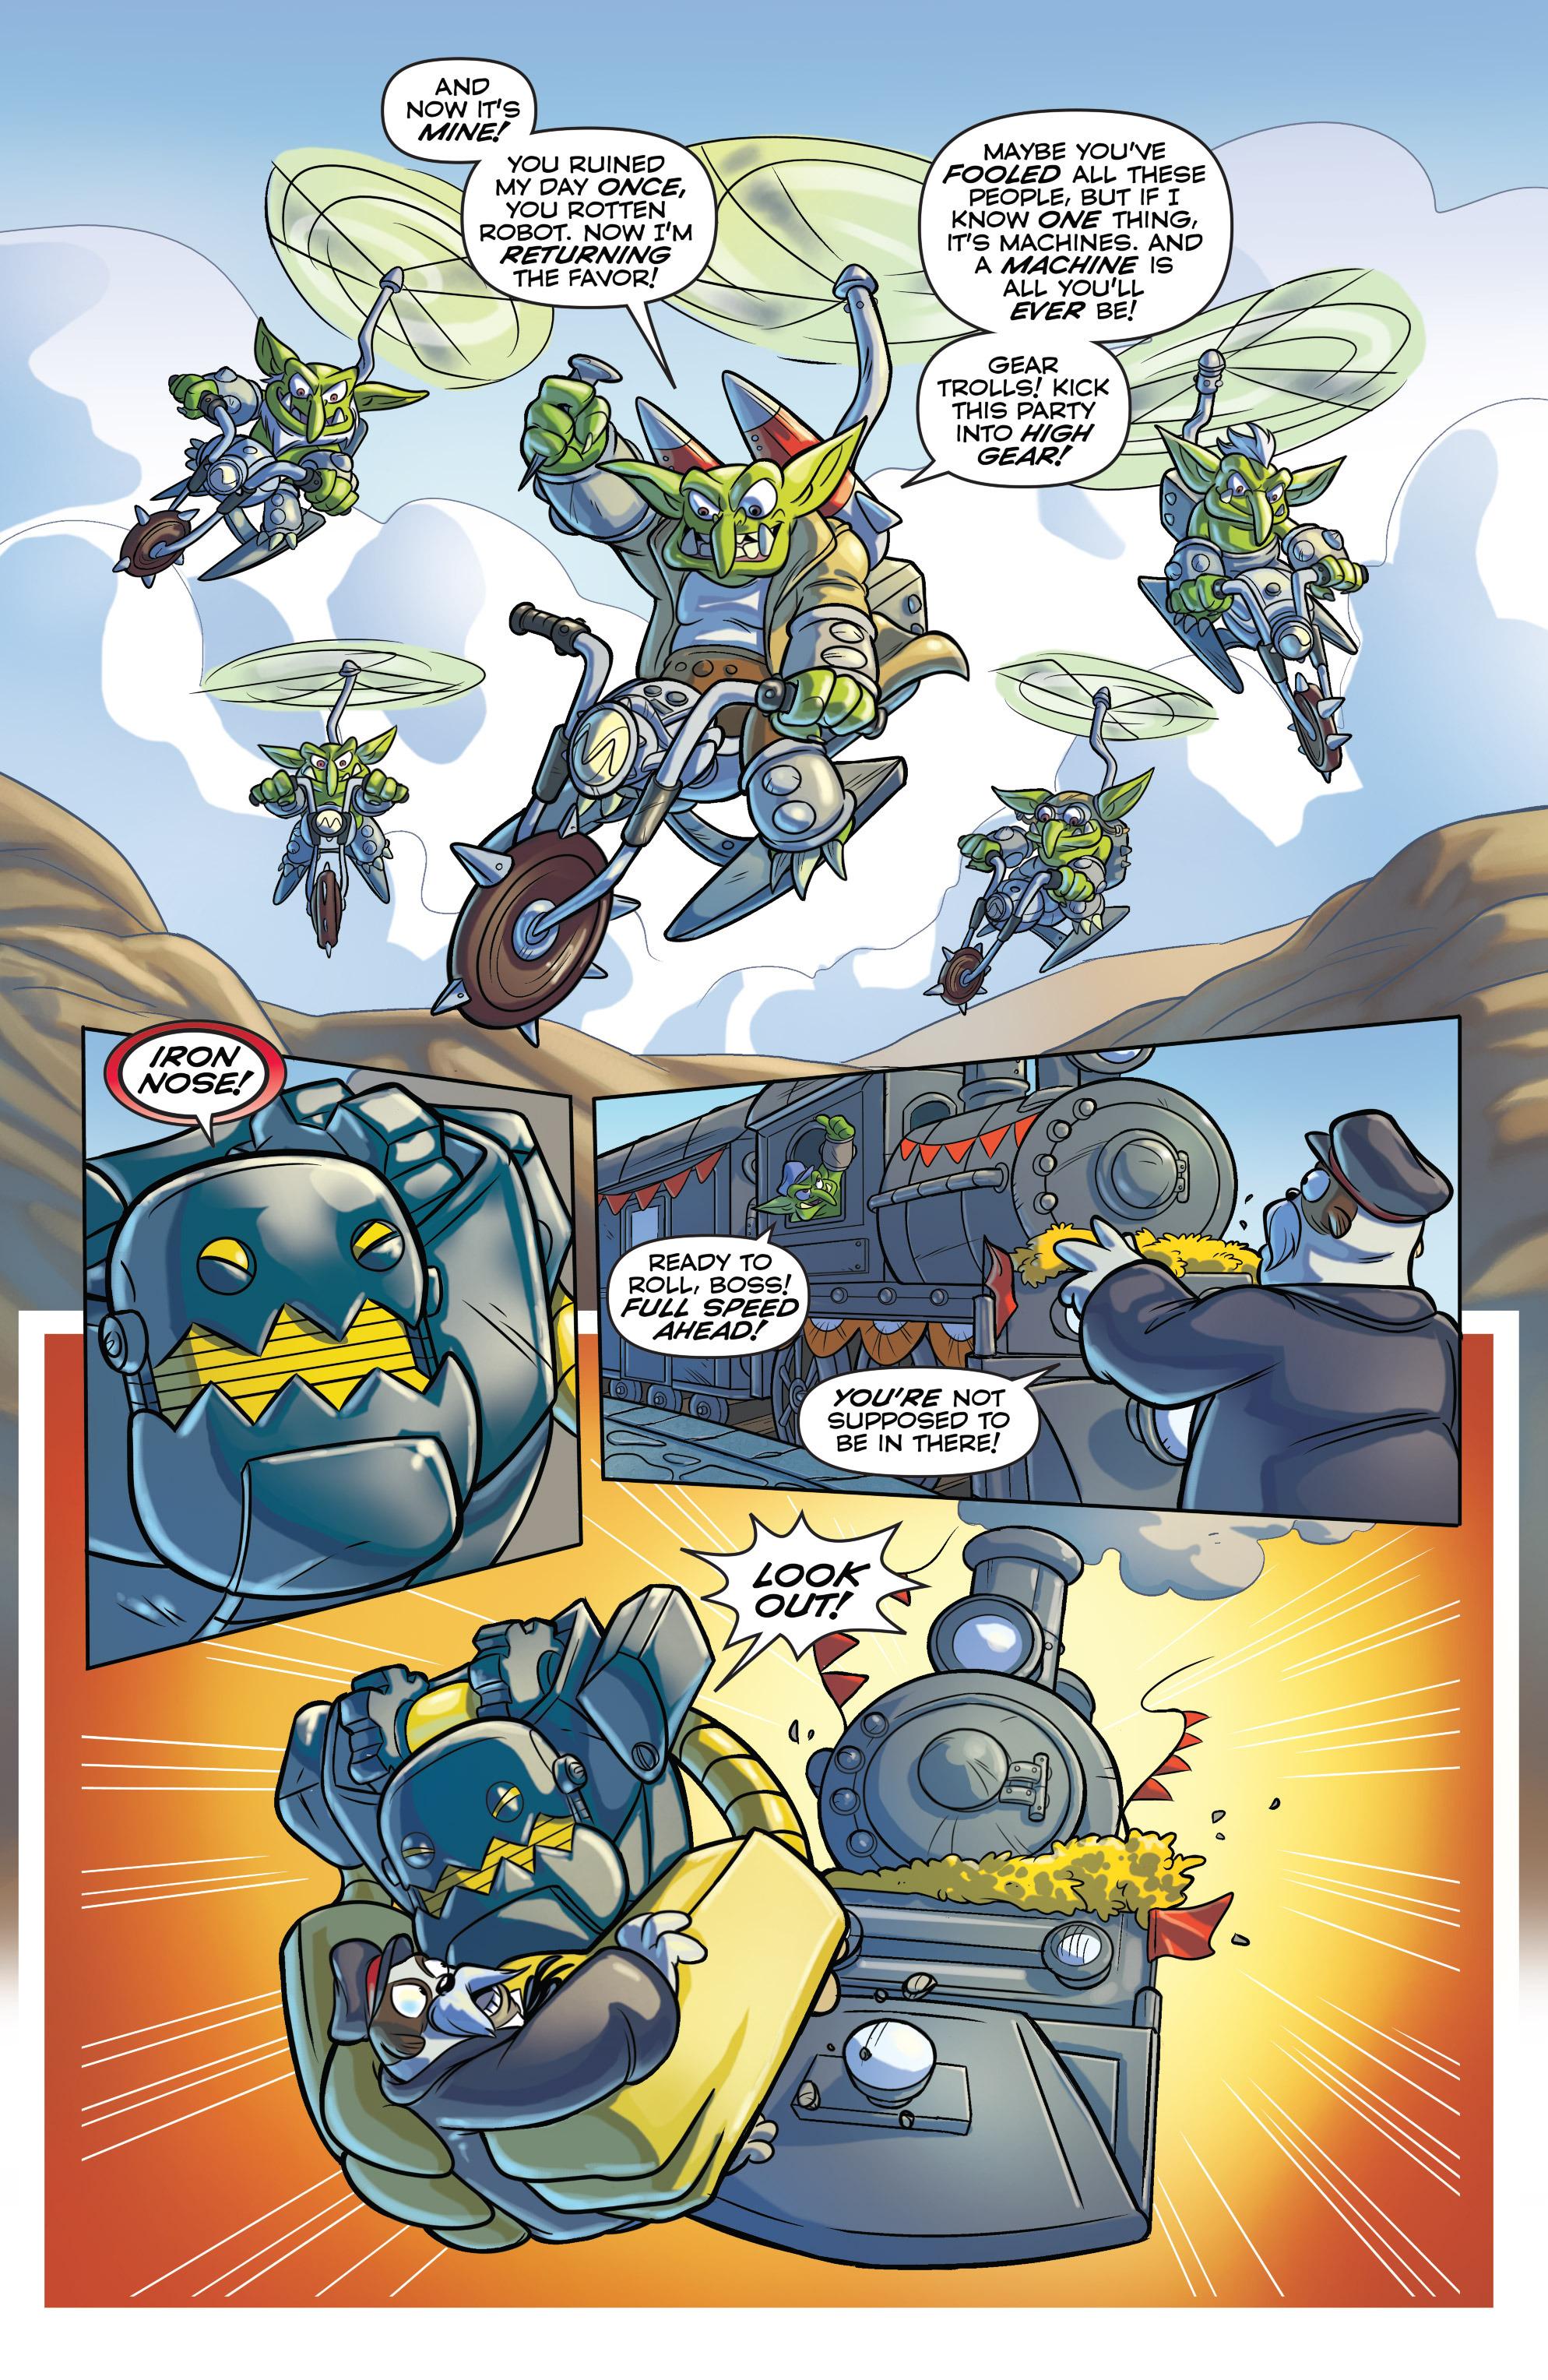 Read online Skylanders comic -  Issue #6 - 8